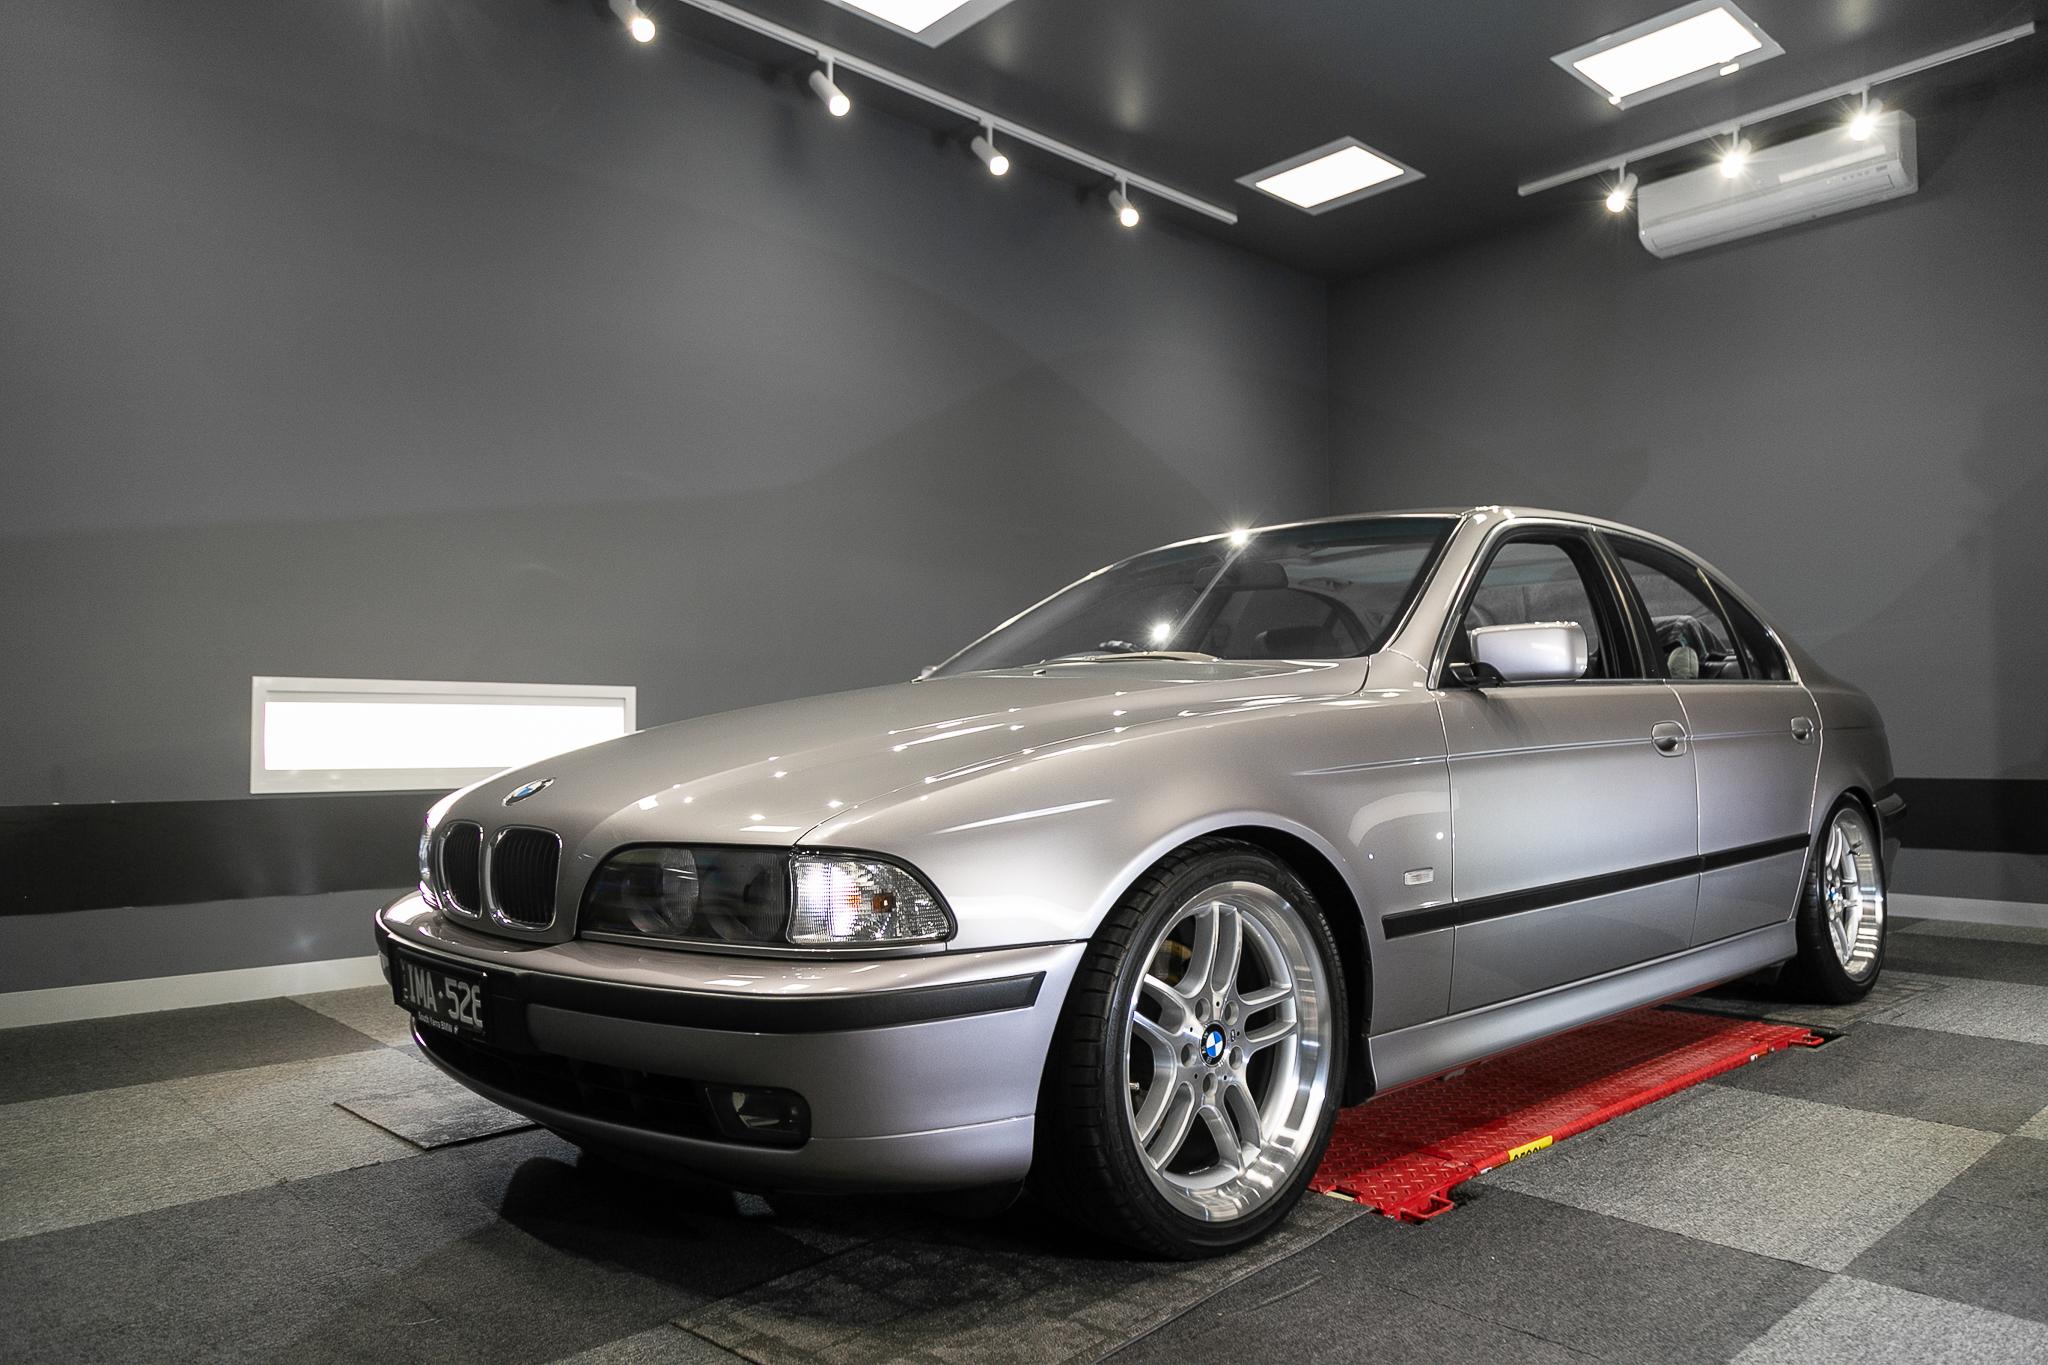 Bmw E39 528i Aspen Silver Dan S Garage Detailingdan S Garage Detailing